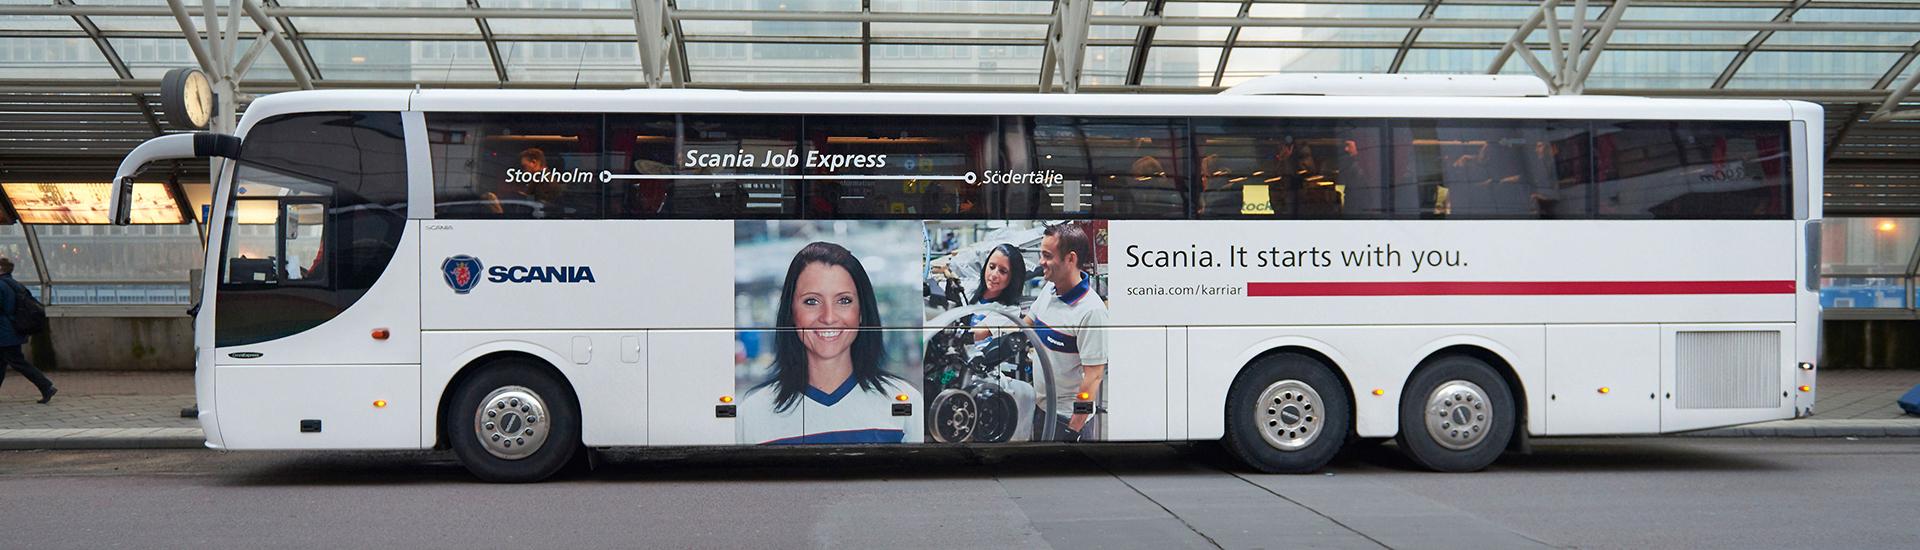 Åk guidad busstur med Scania!